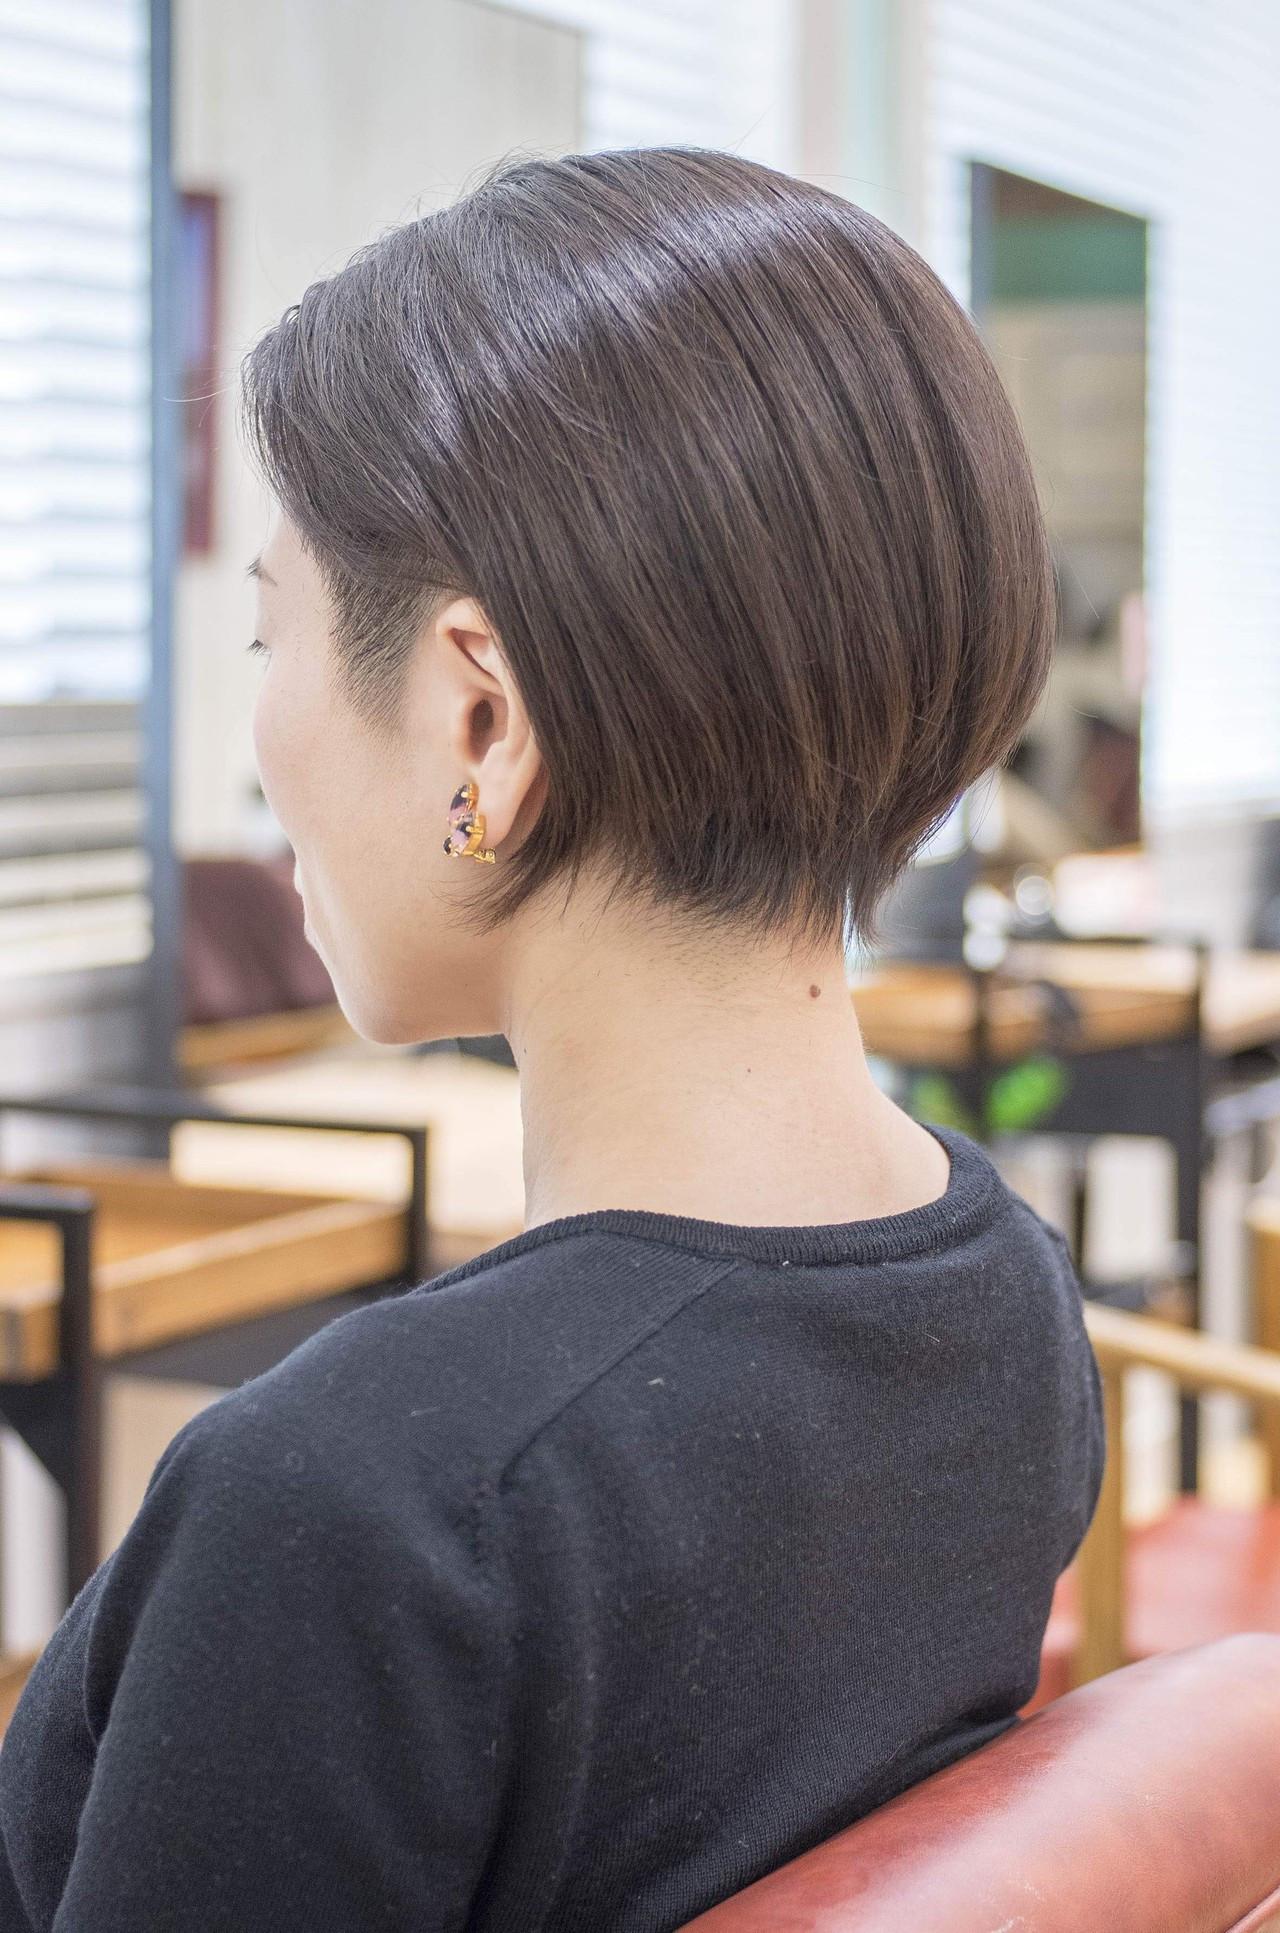 ツーブロック ショートヘア ショートボブ ボブ ヘアスタイルや髪型の写真・画像